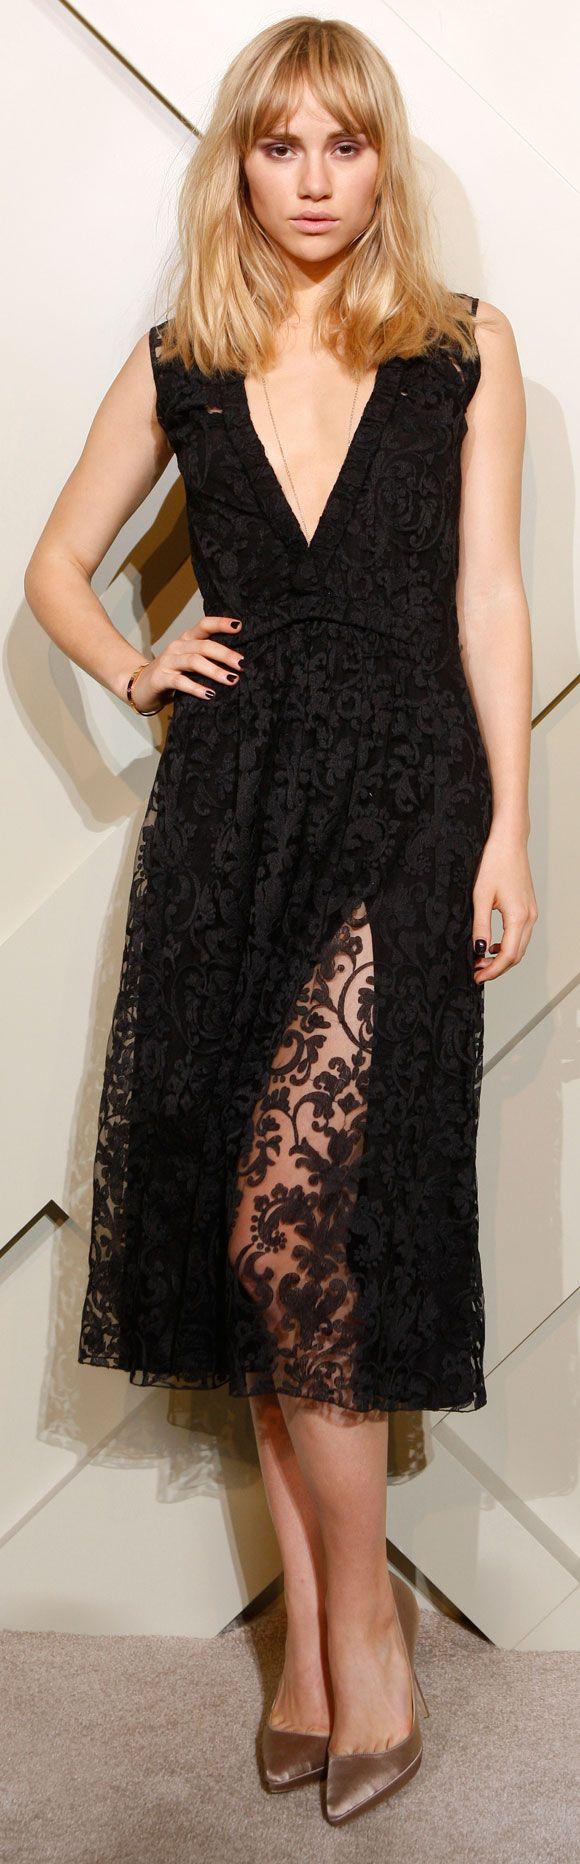 A modelo e atriz britânica Suki Waterhouse conta seus segredos de beleza....